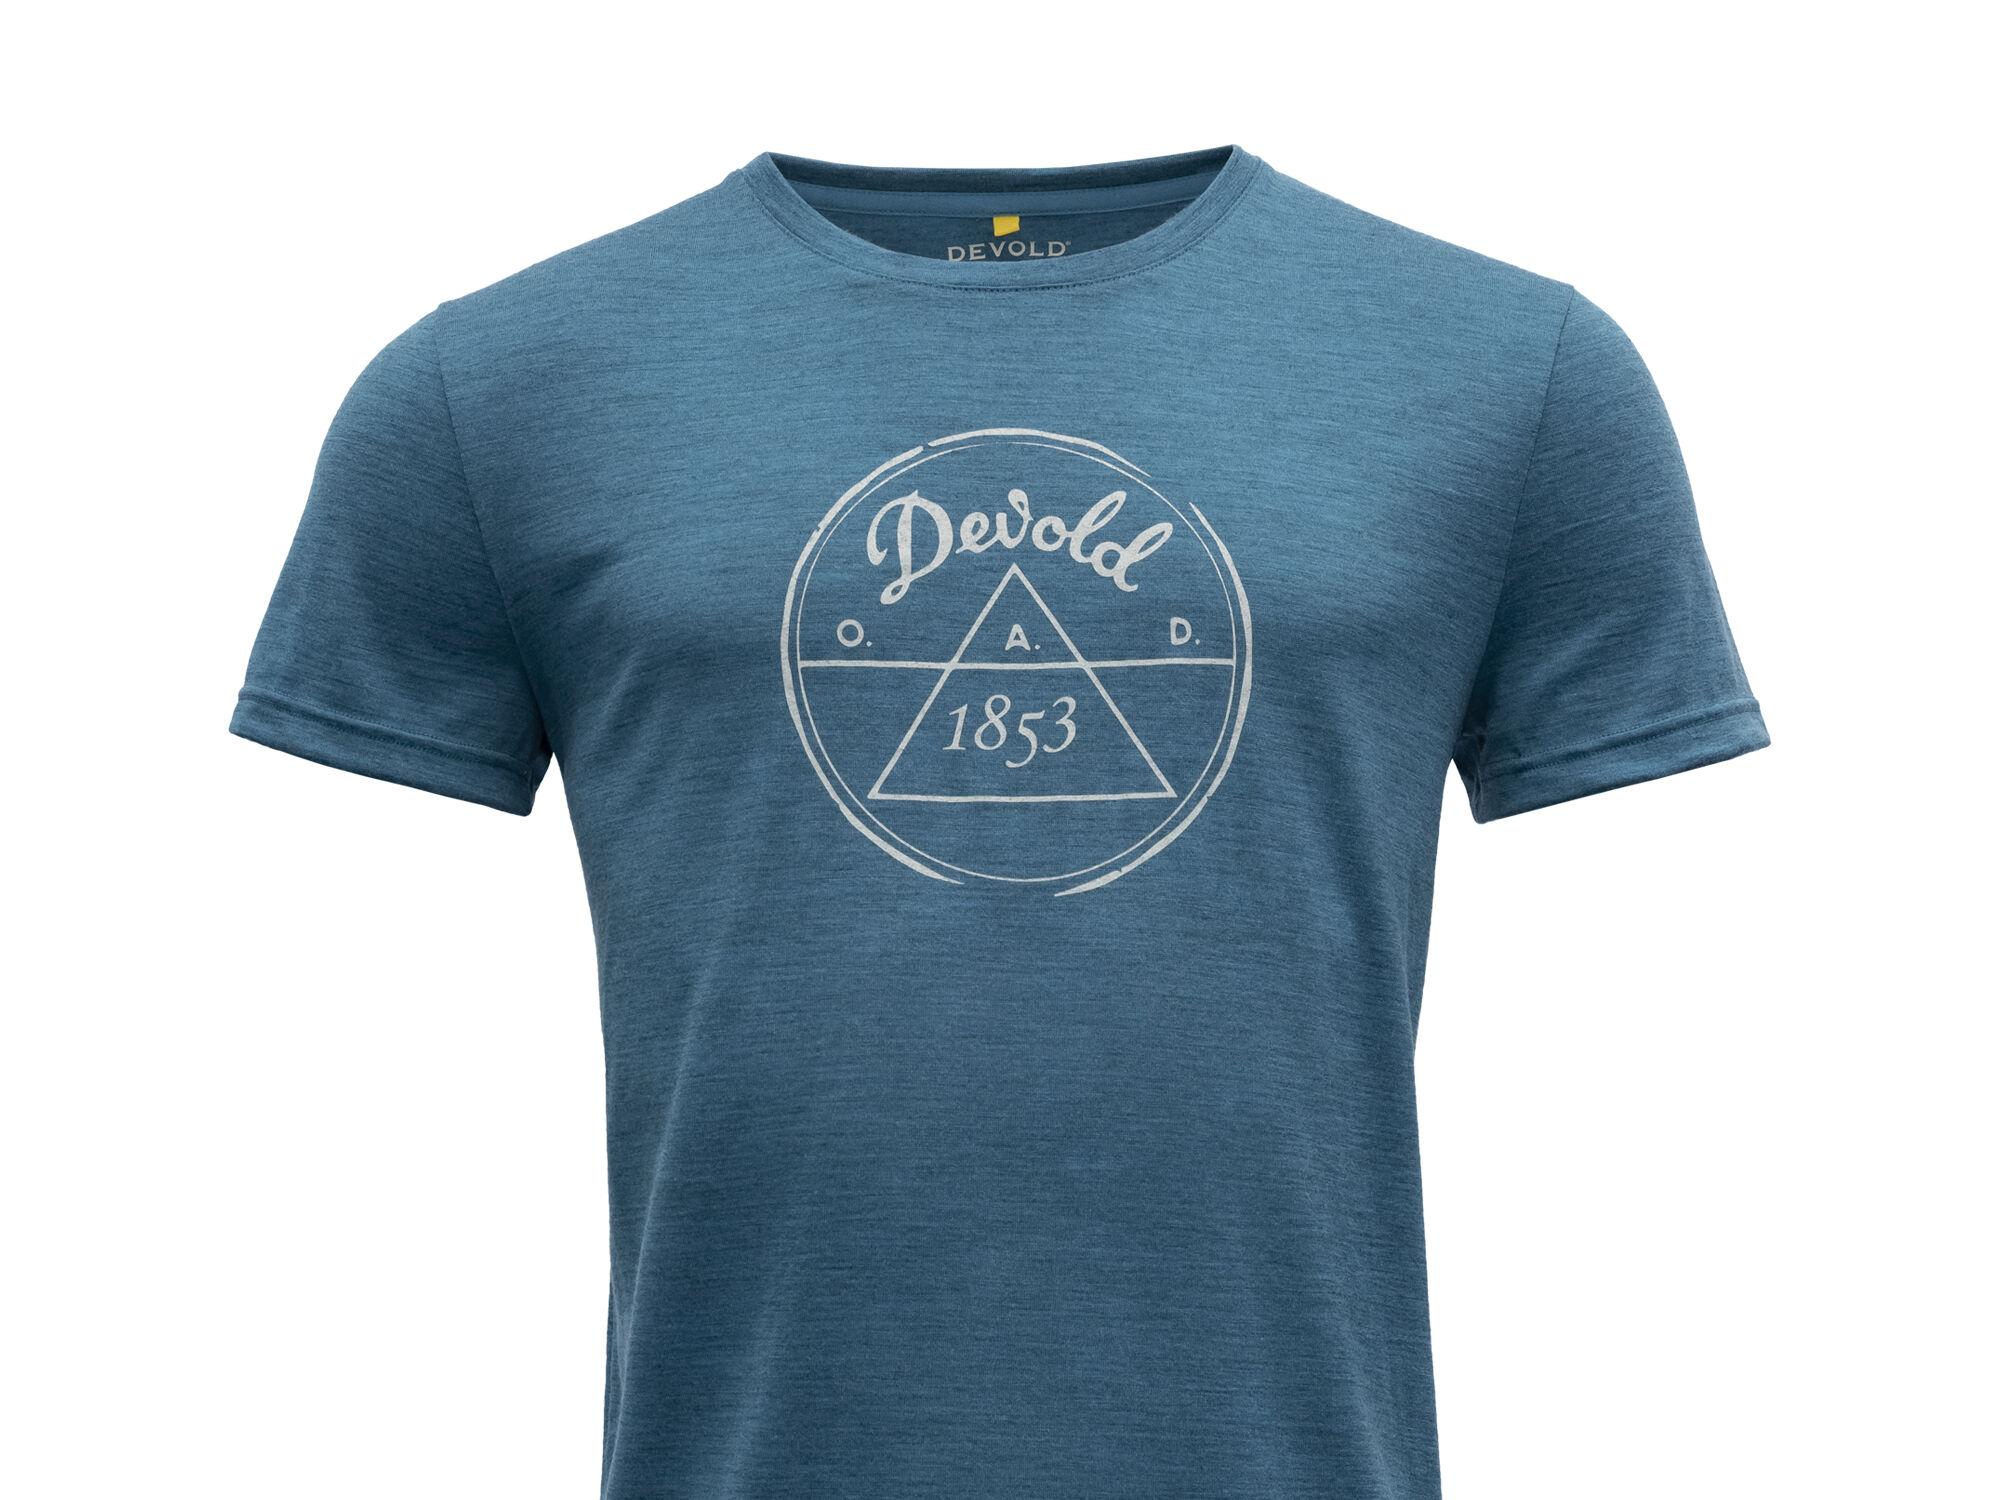 1853 T-Shirt von DEVOLD of Norway